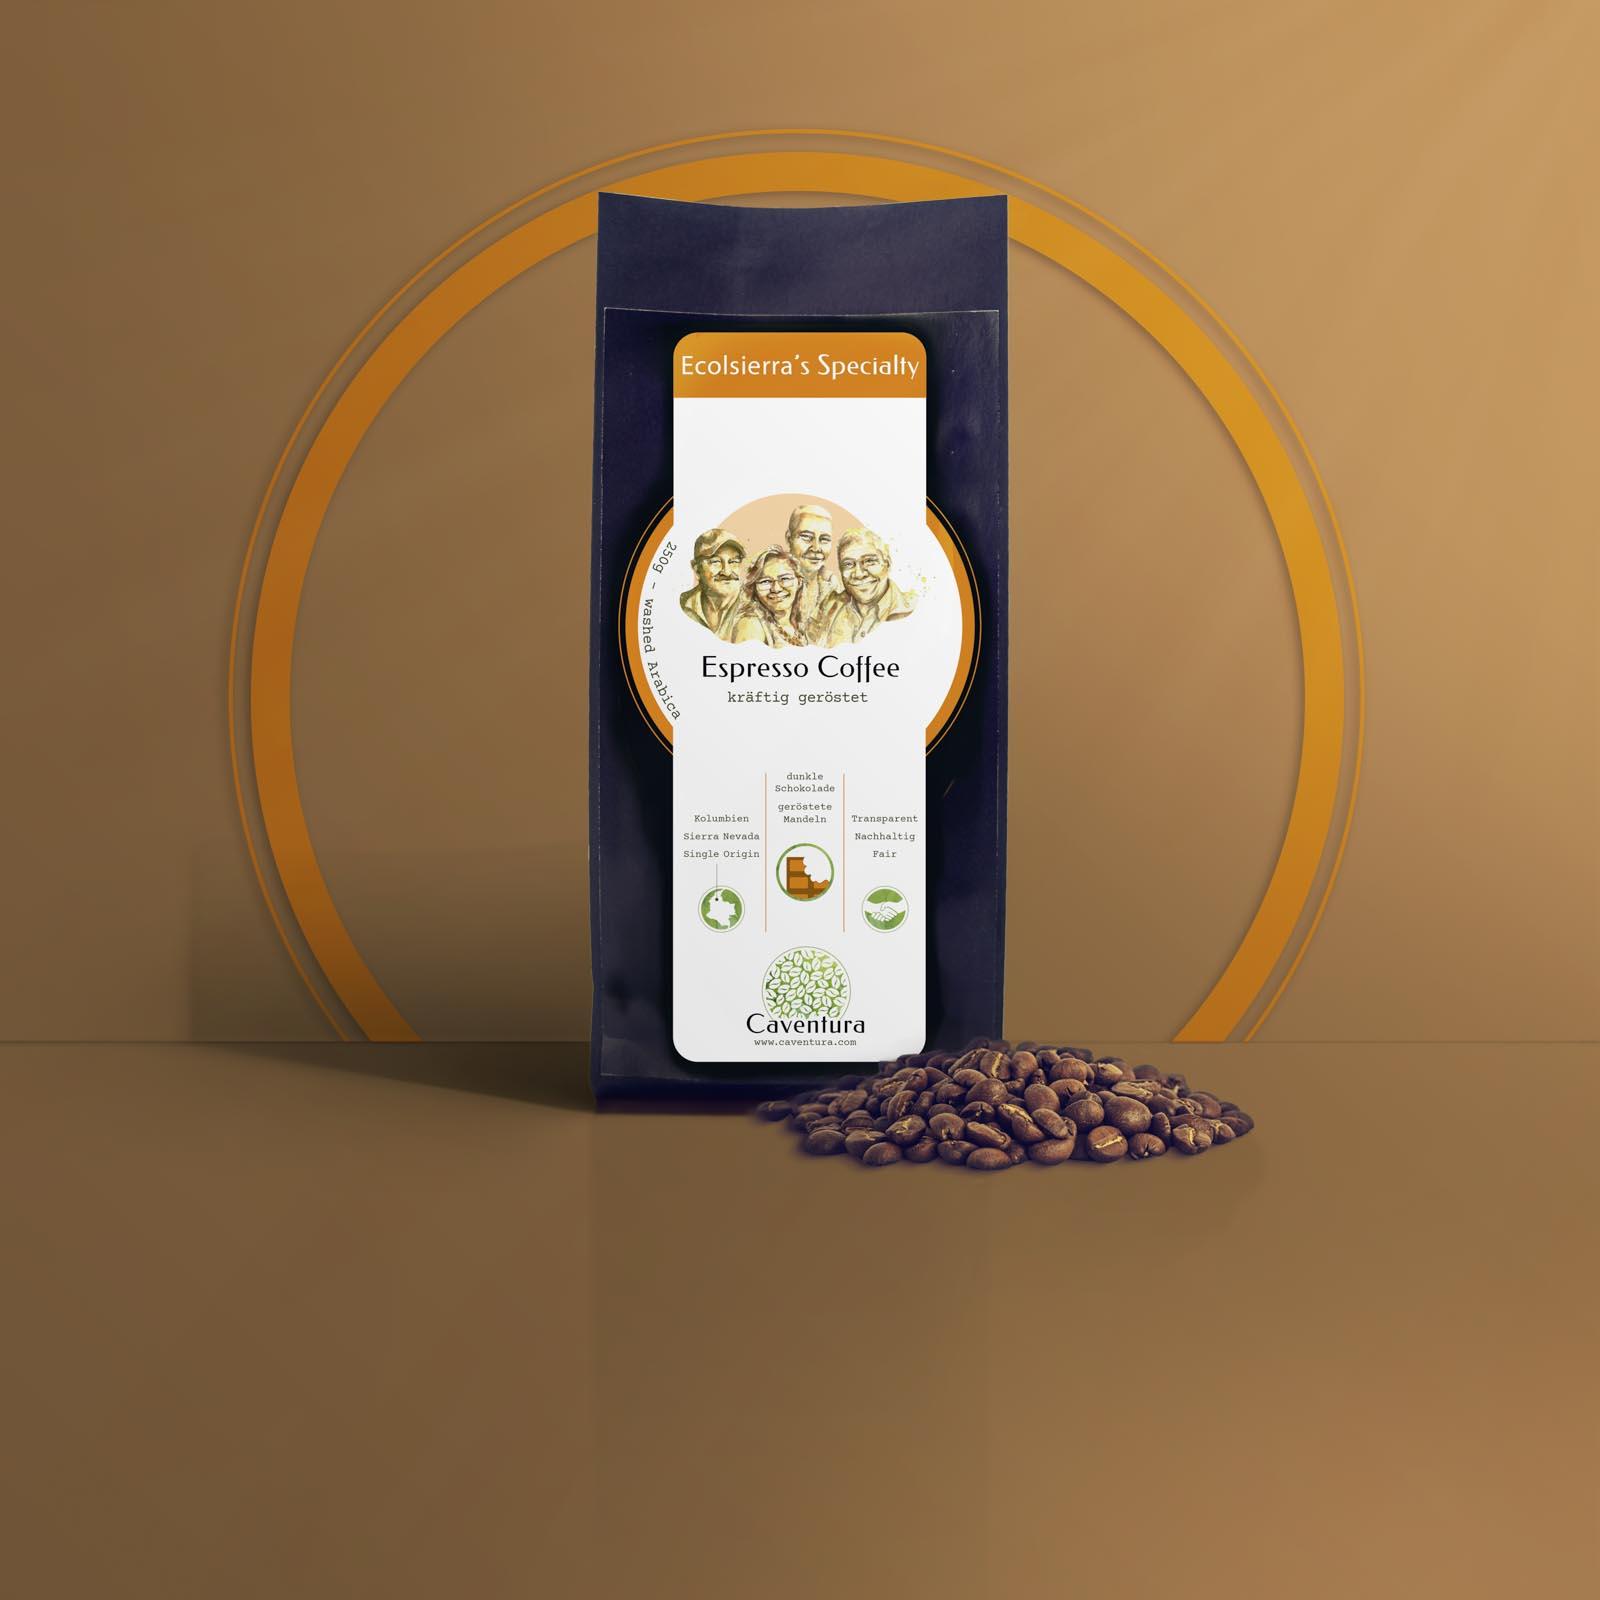 Ecolsierra's Specialty Espresso Coffee